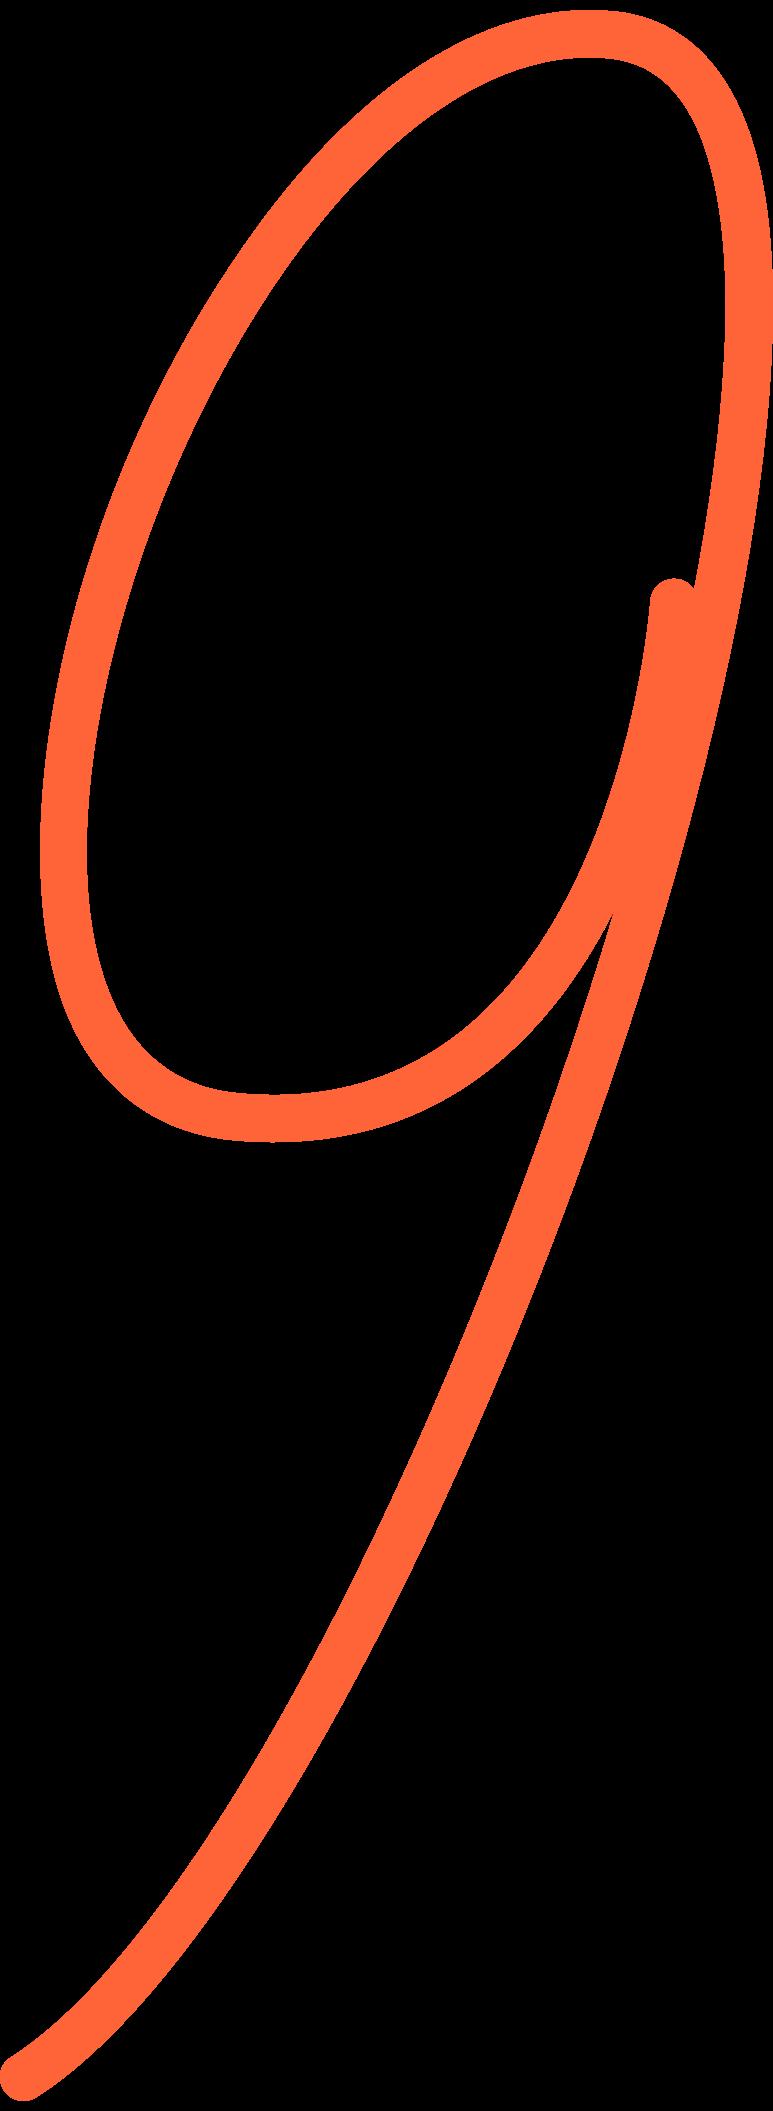 nine Clipart illustration in PNG, SVG